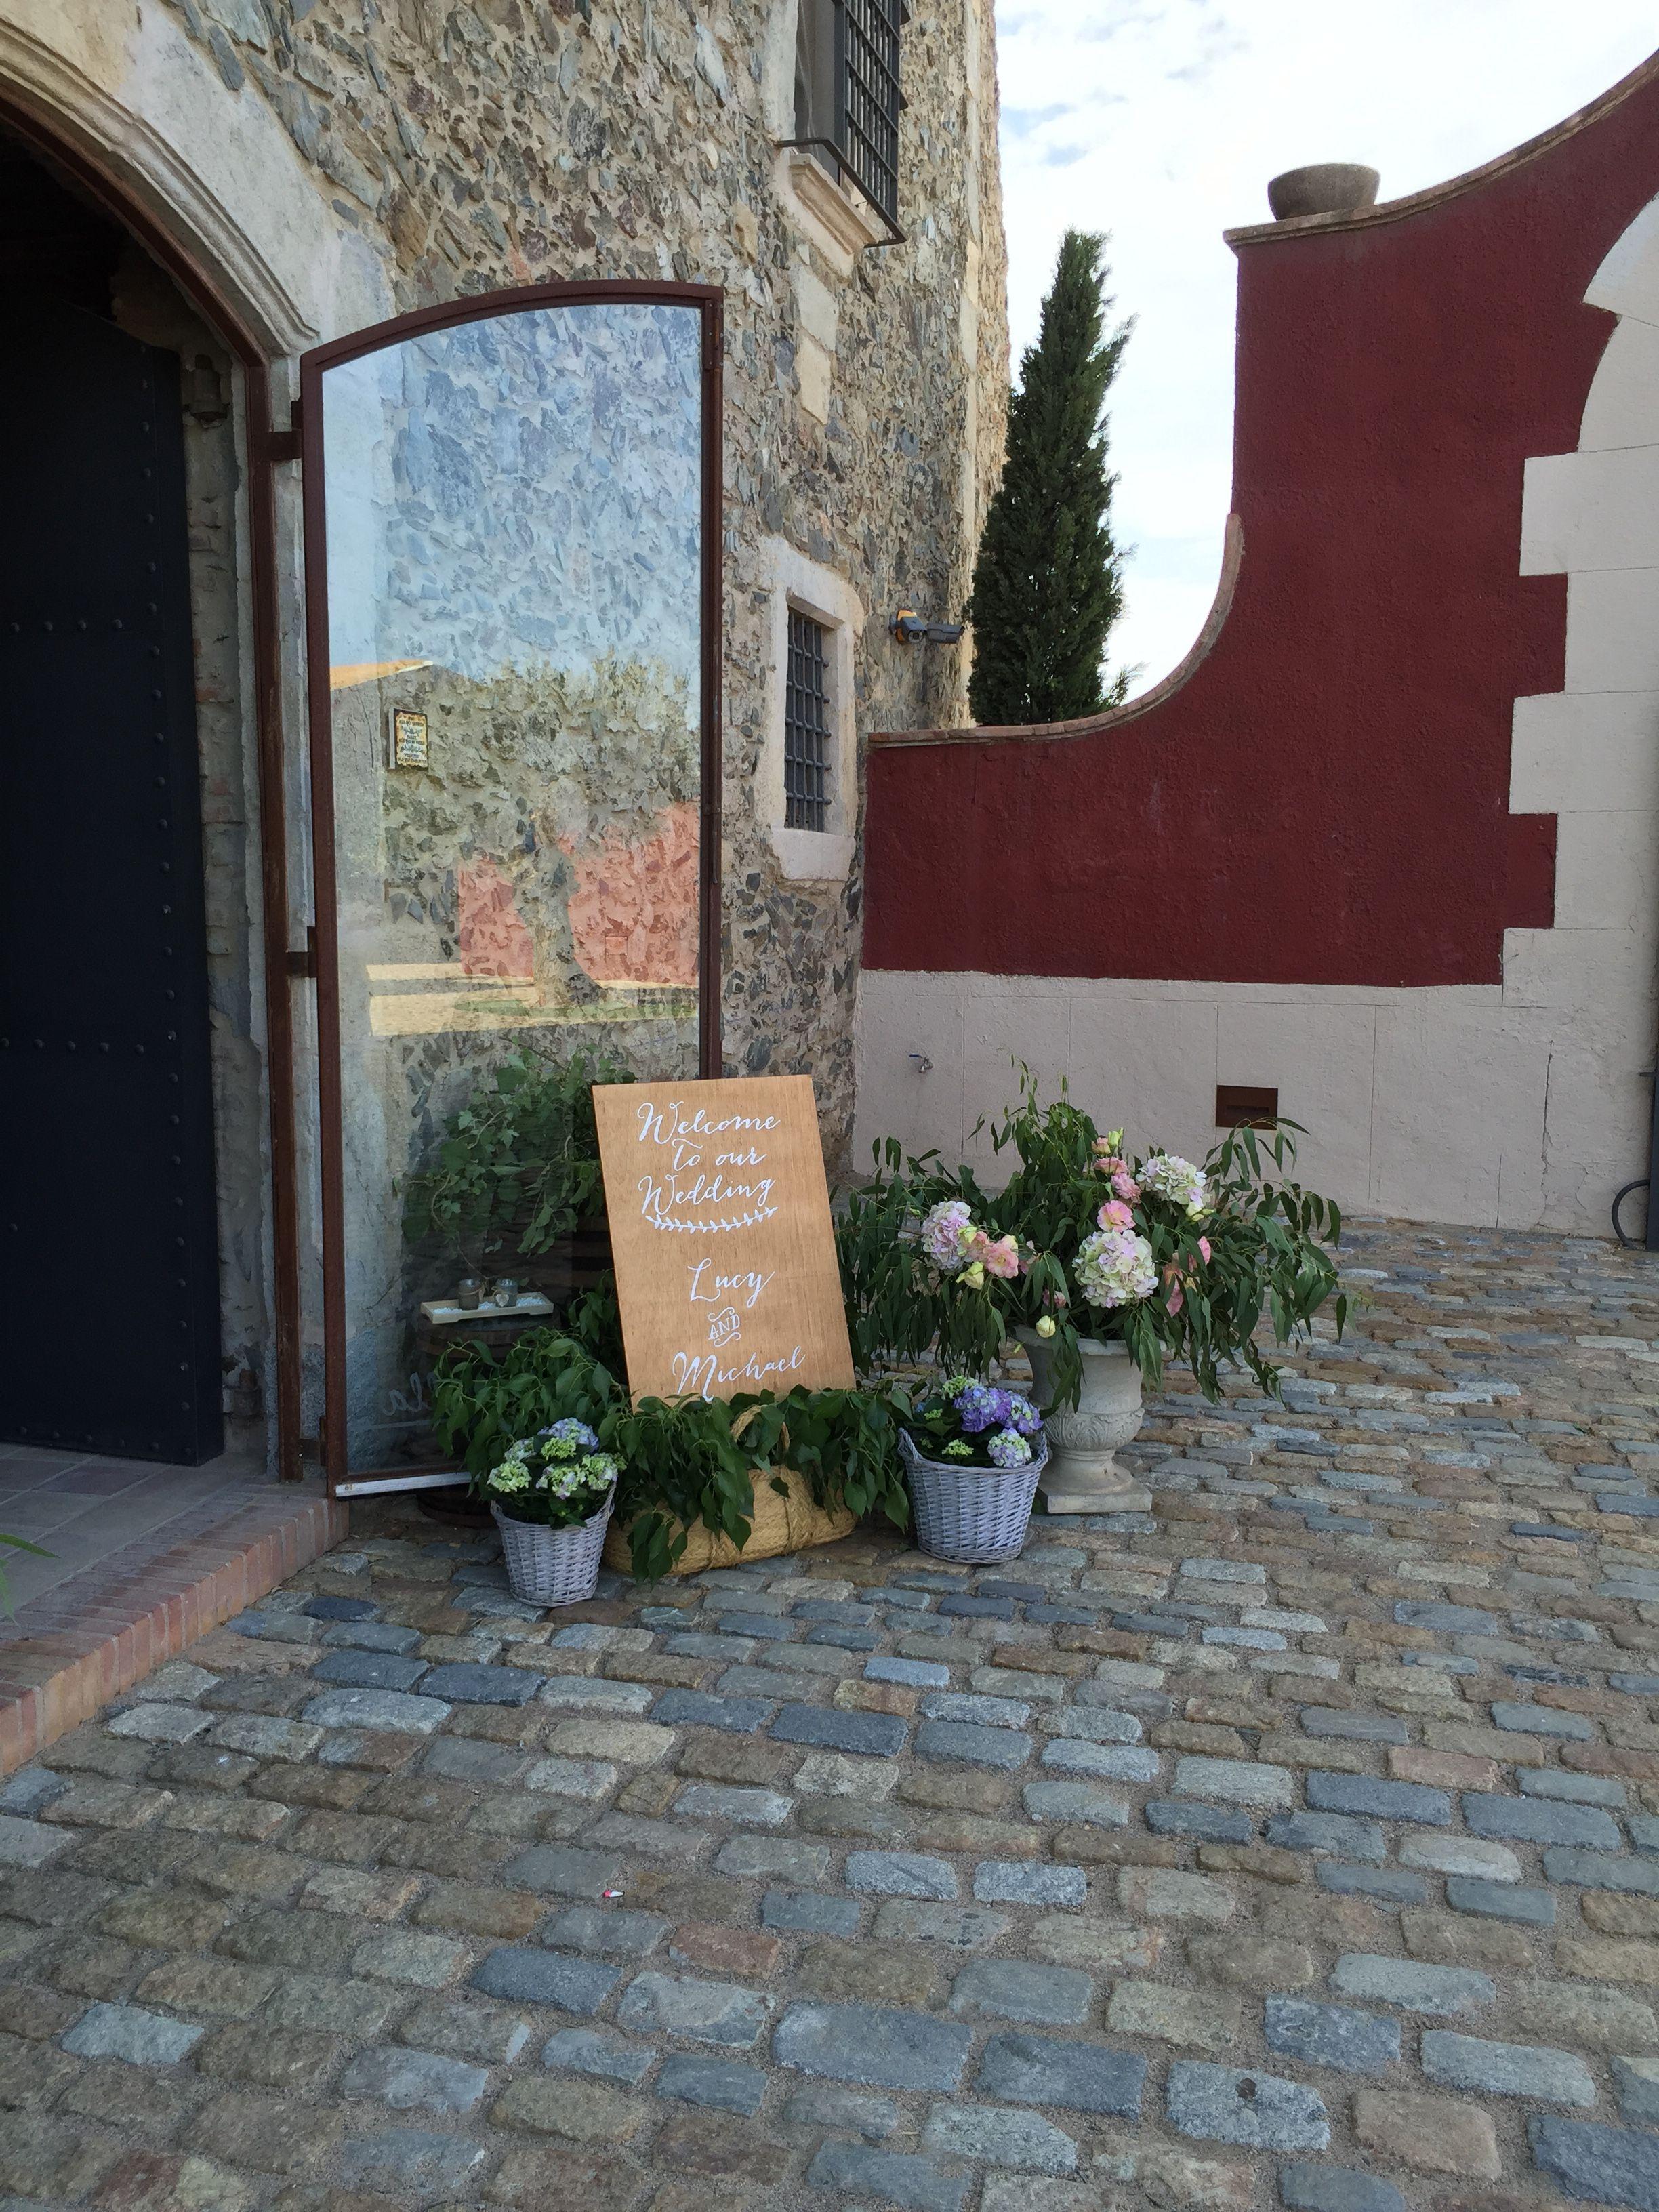 Wedding Location Wwwmastorroellacom - Weddings Mas Torroella - Pinterest -